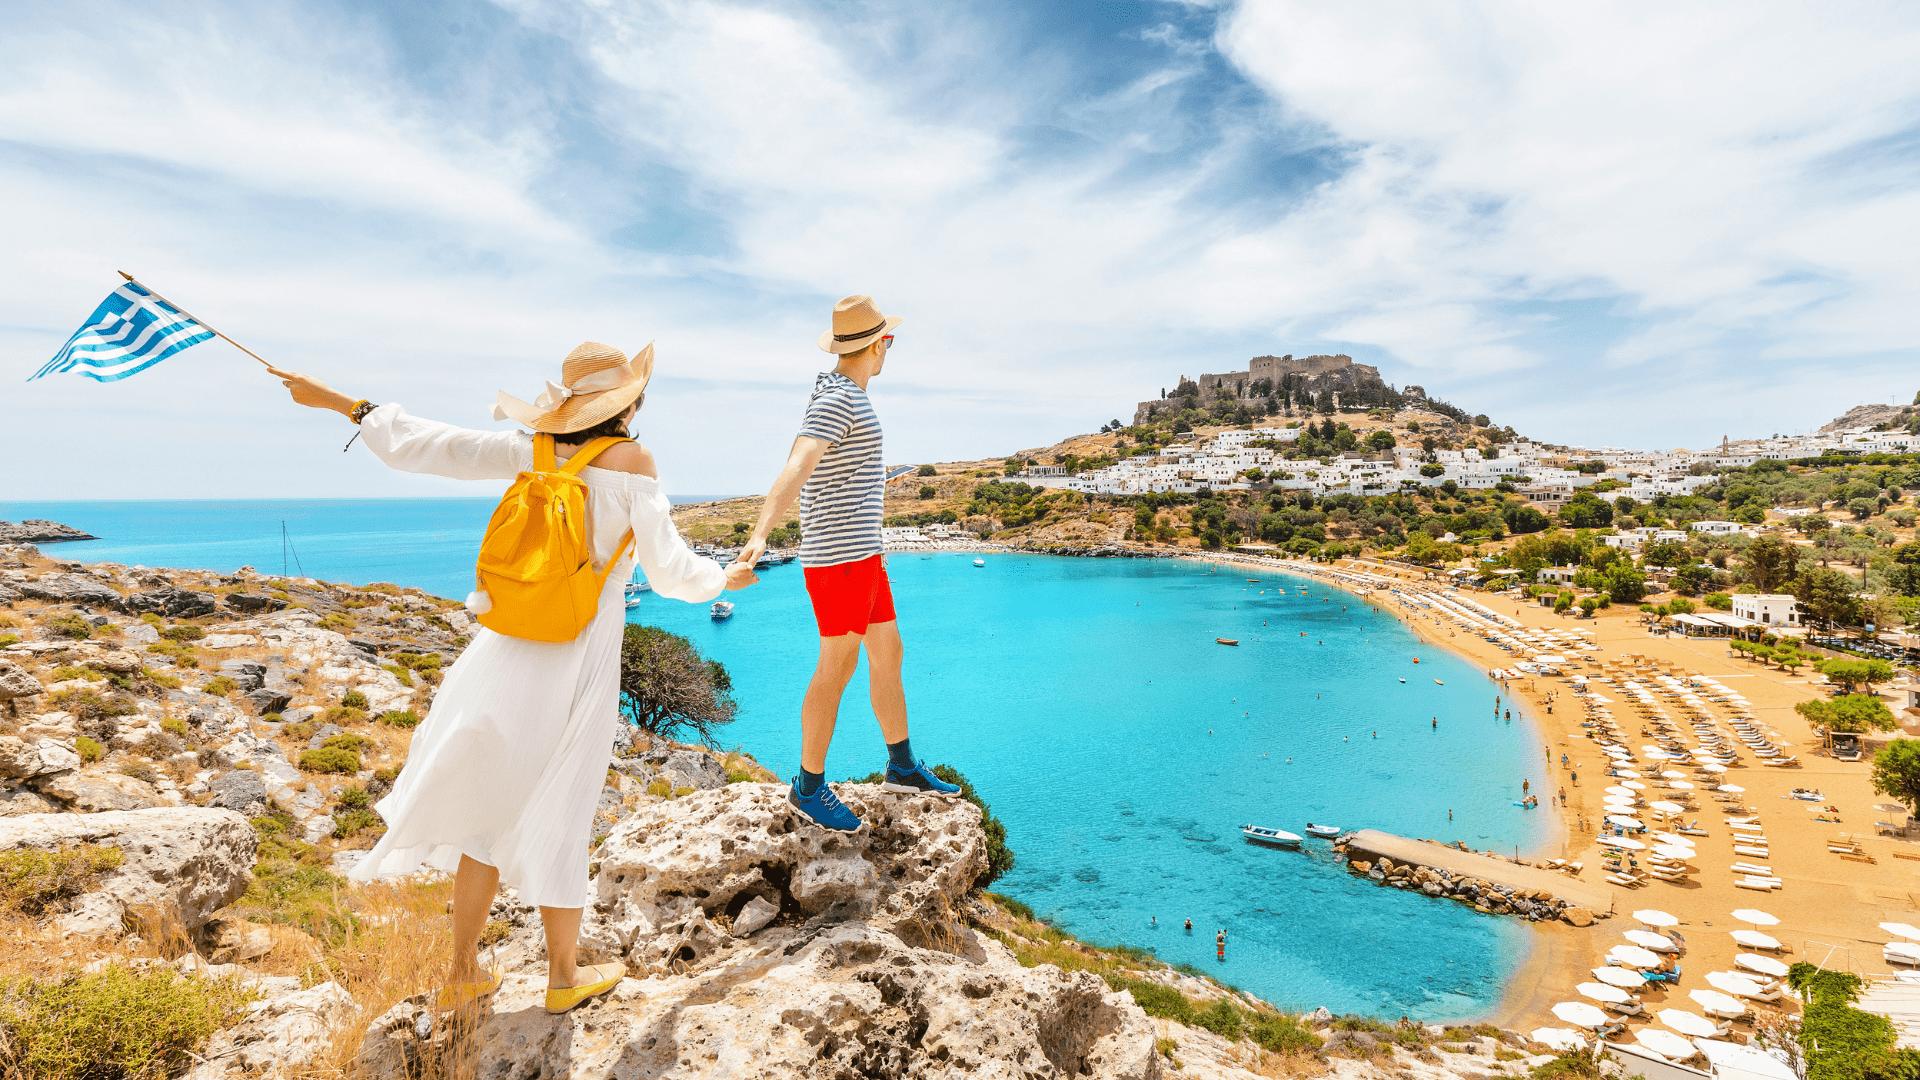 Kelionė į Rodo salą Graikijoje